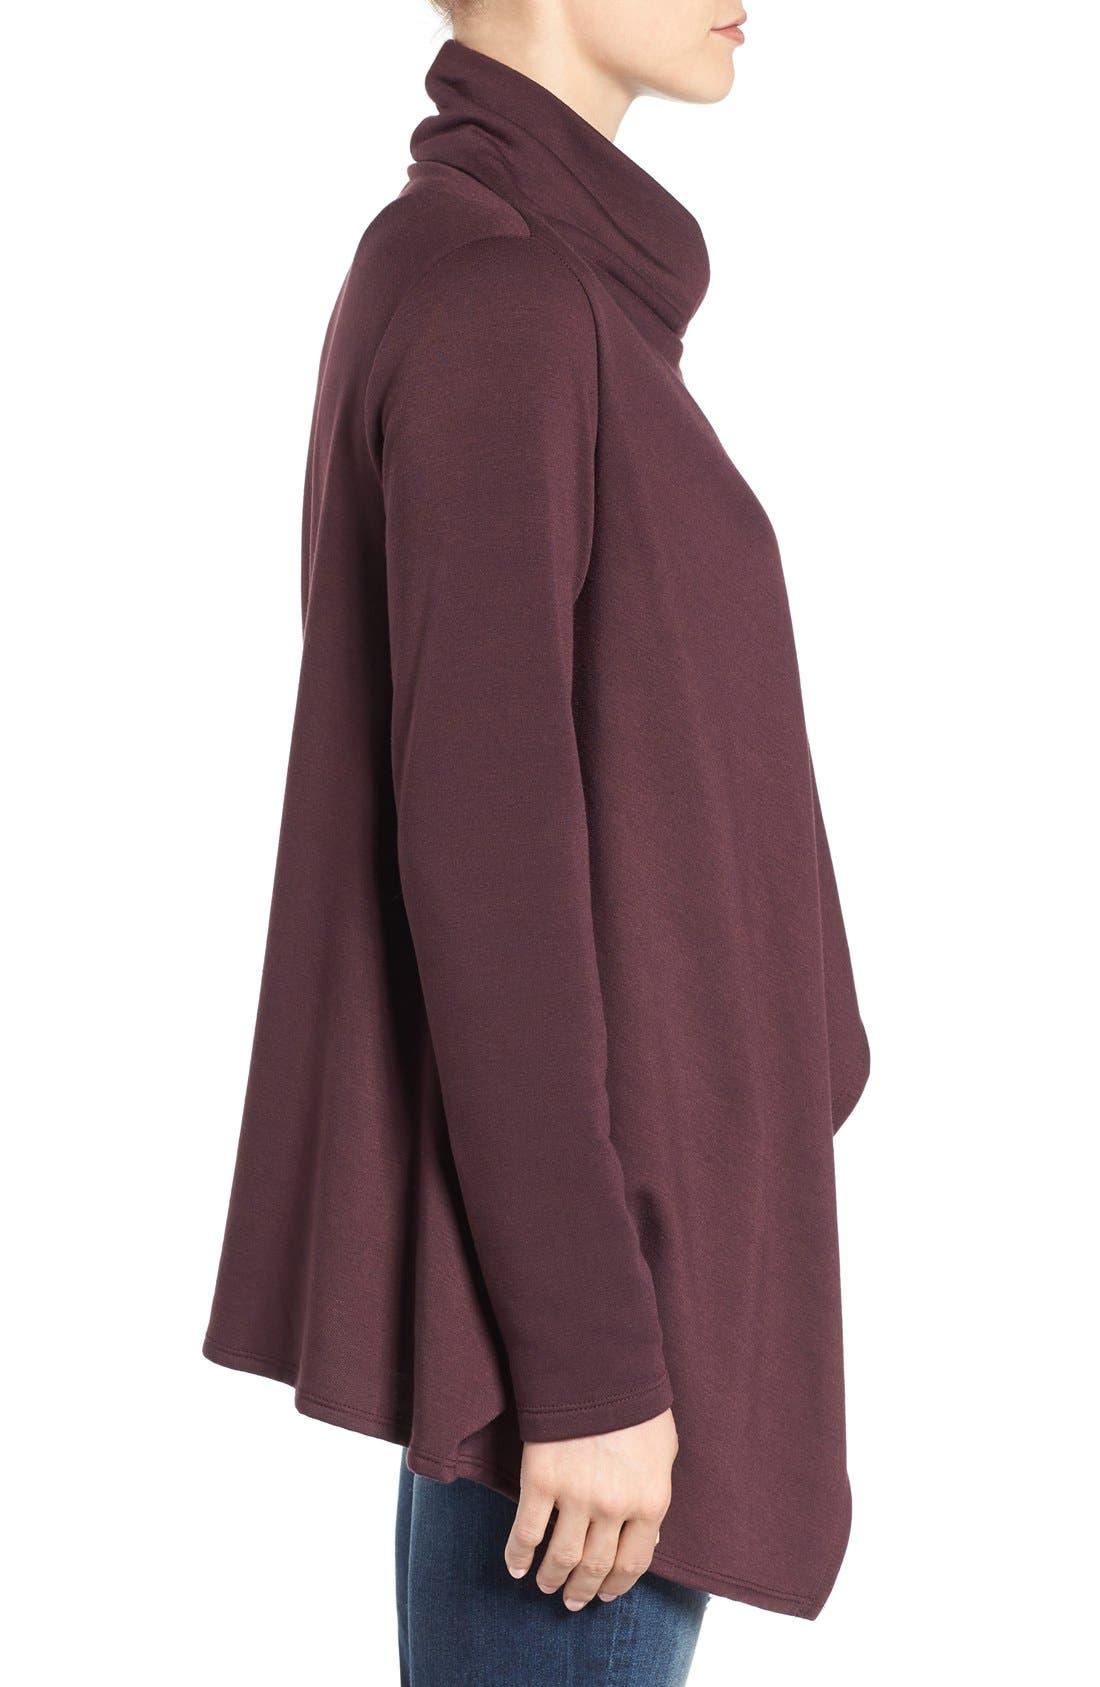 Alternate Image 3  - Bobeau One-Button Fleece Wrap Cardigan (Regular & Petite)